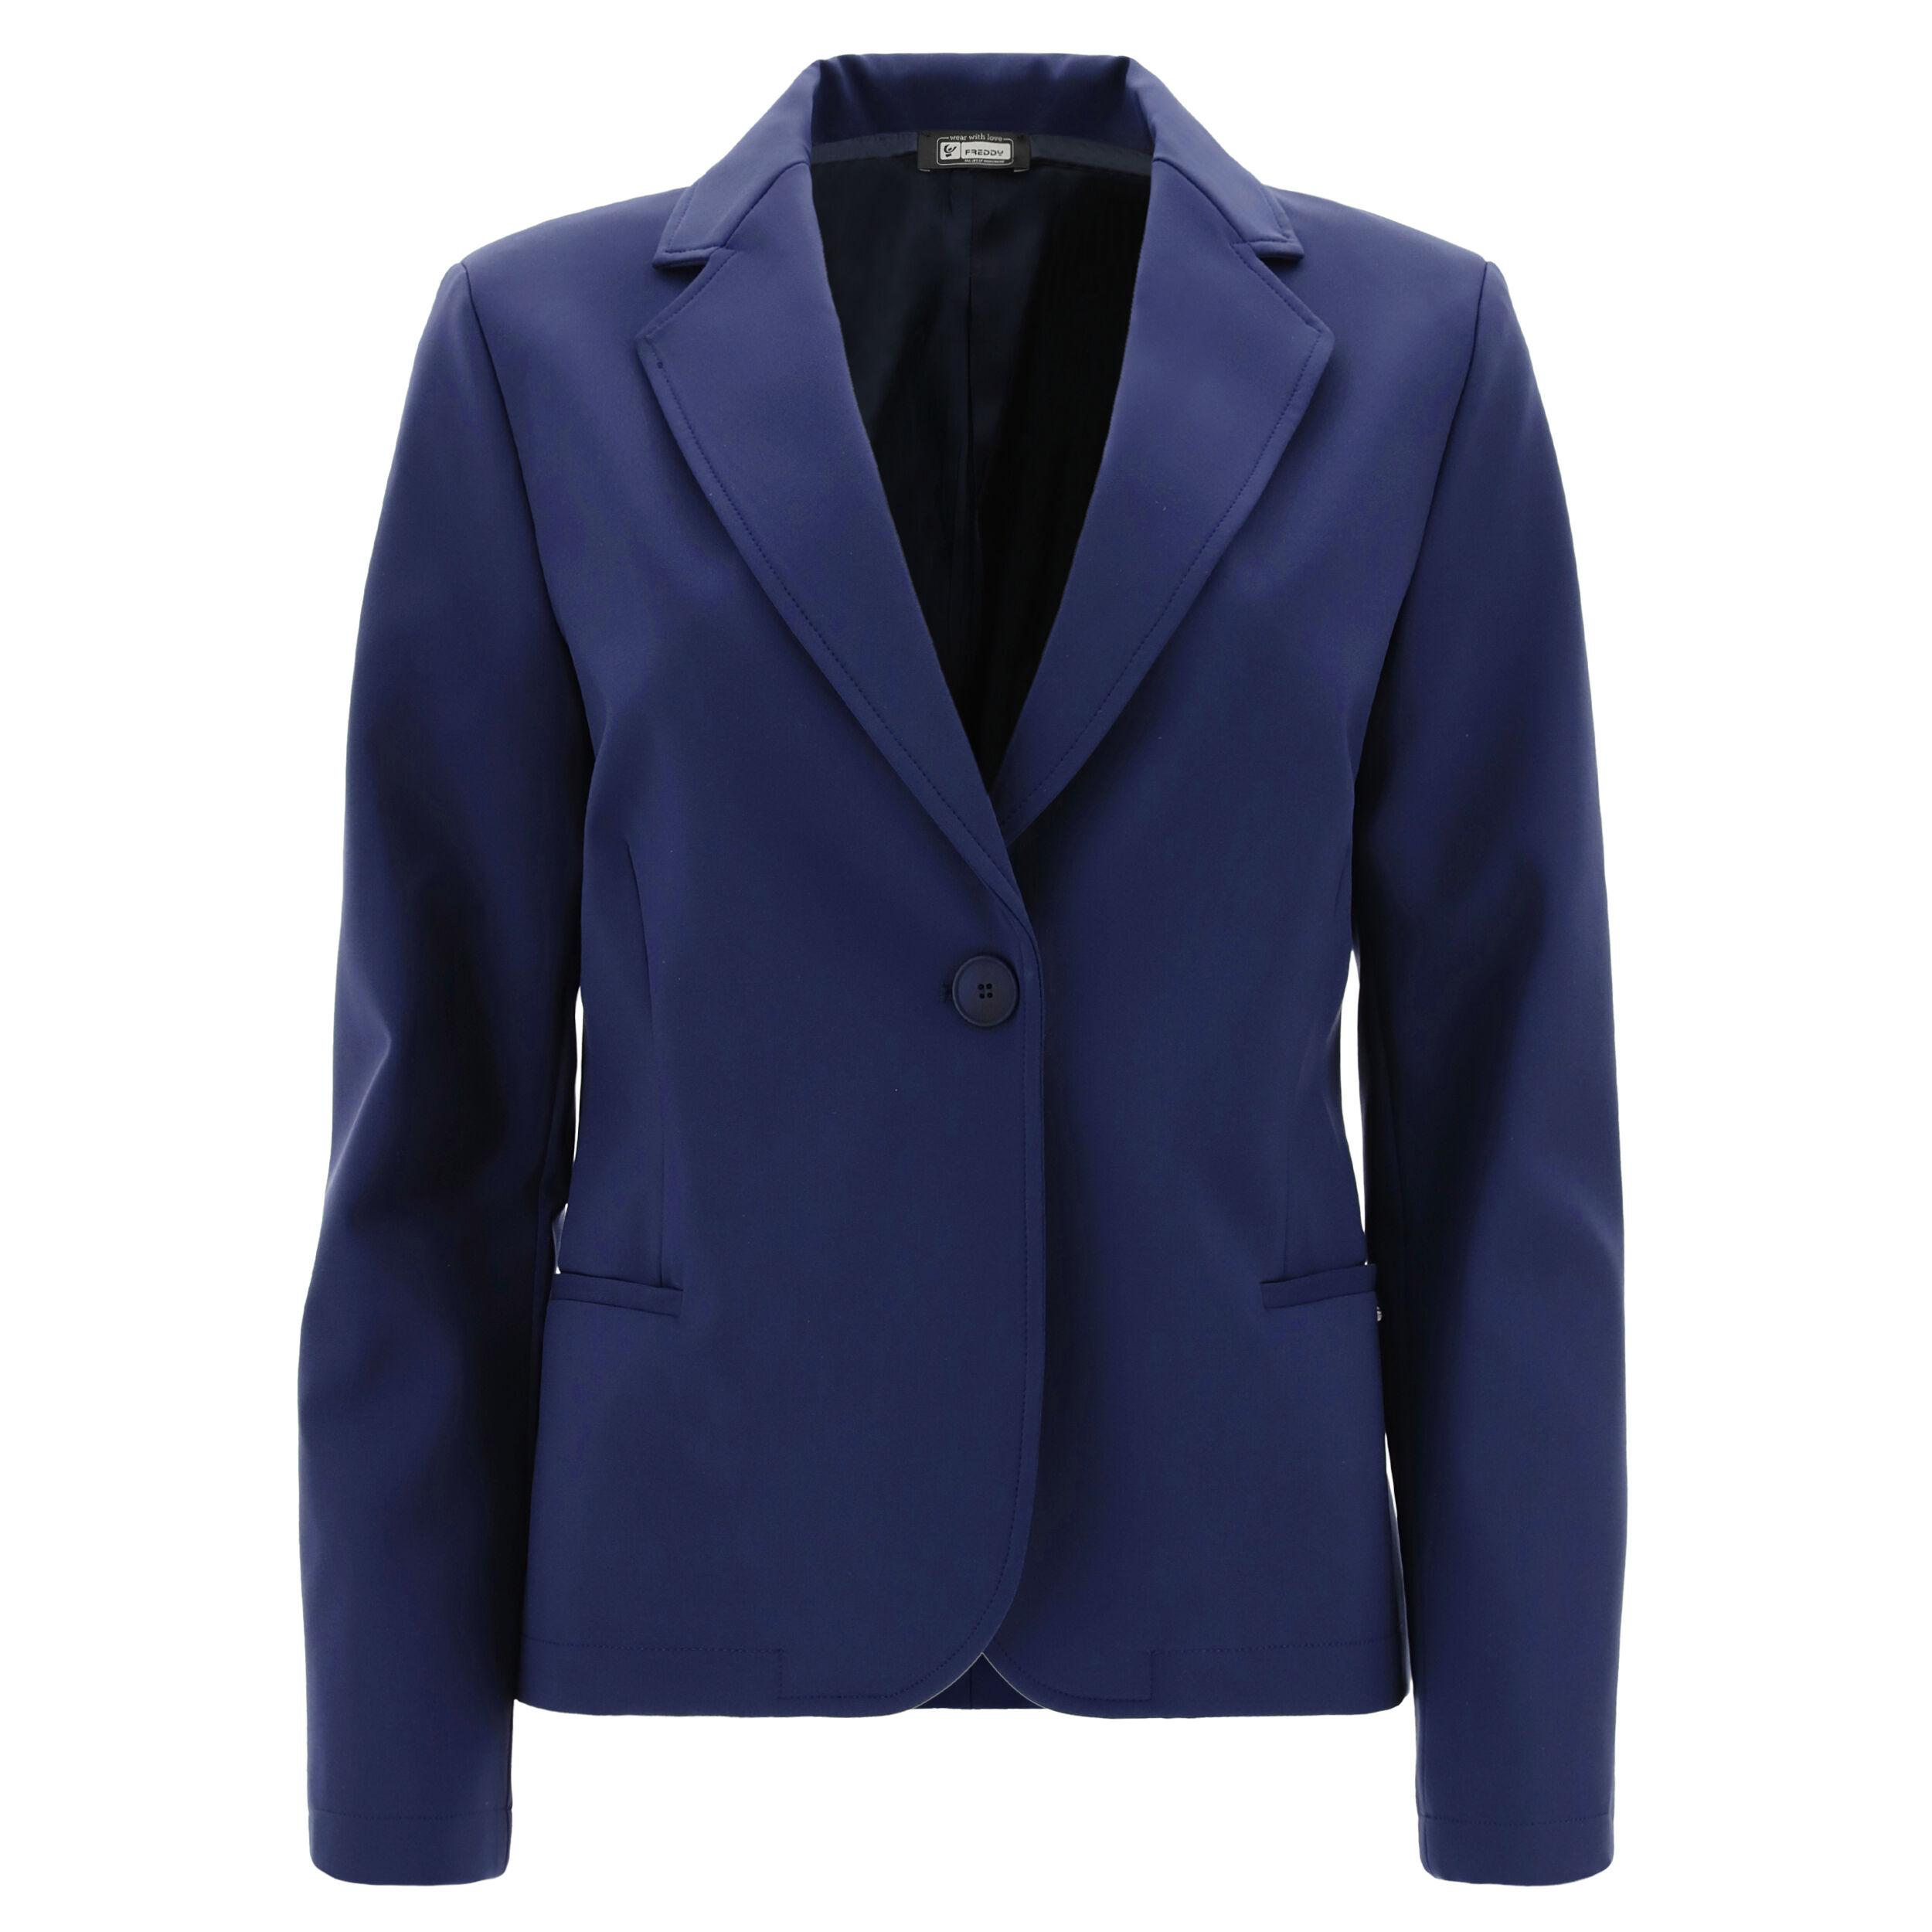 freddy blazer da donna monocolore taglio morbido black iris